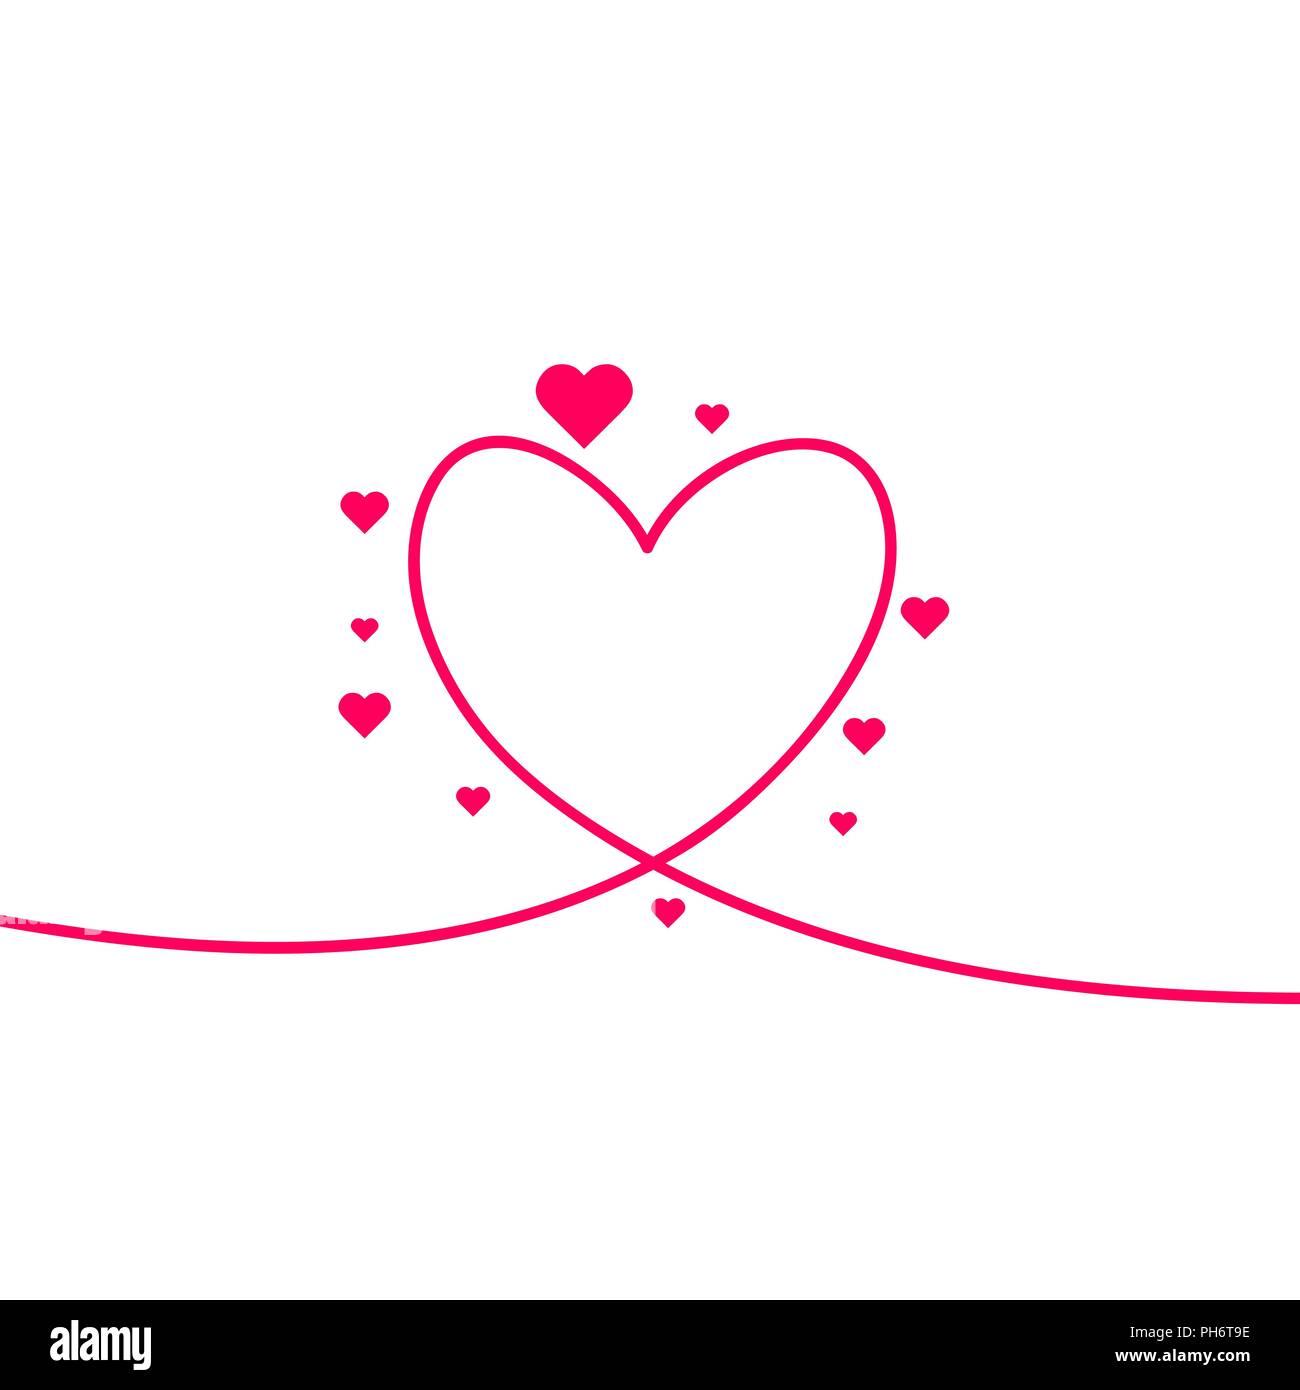 Zeichnen herz bilder Ein Herz